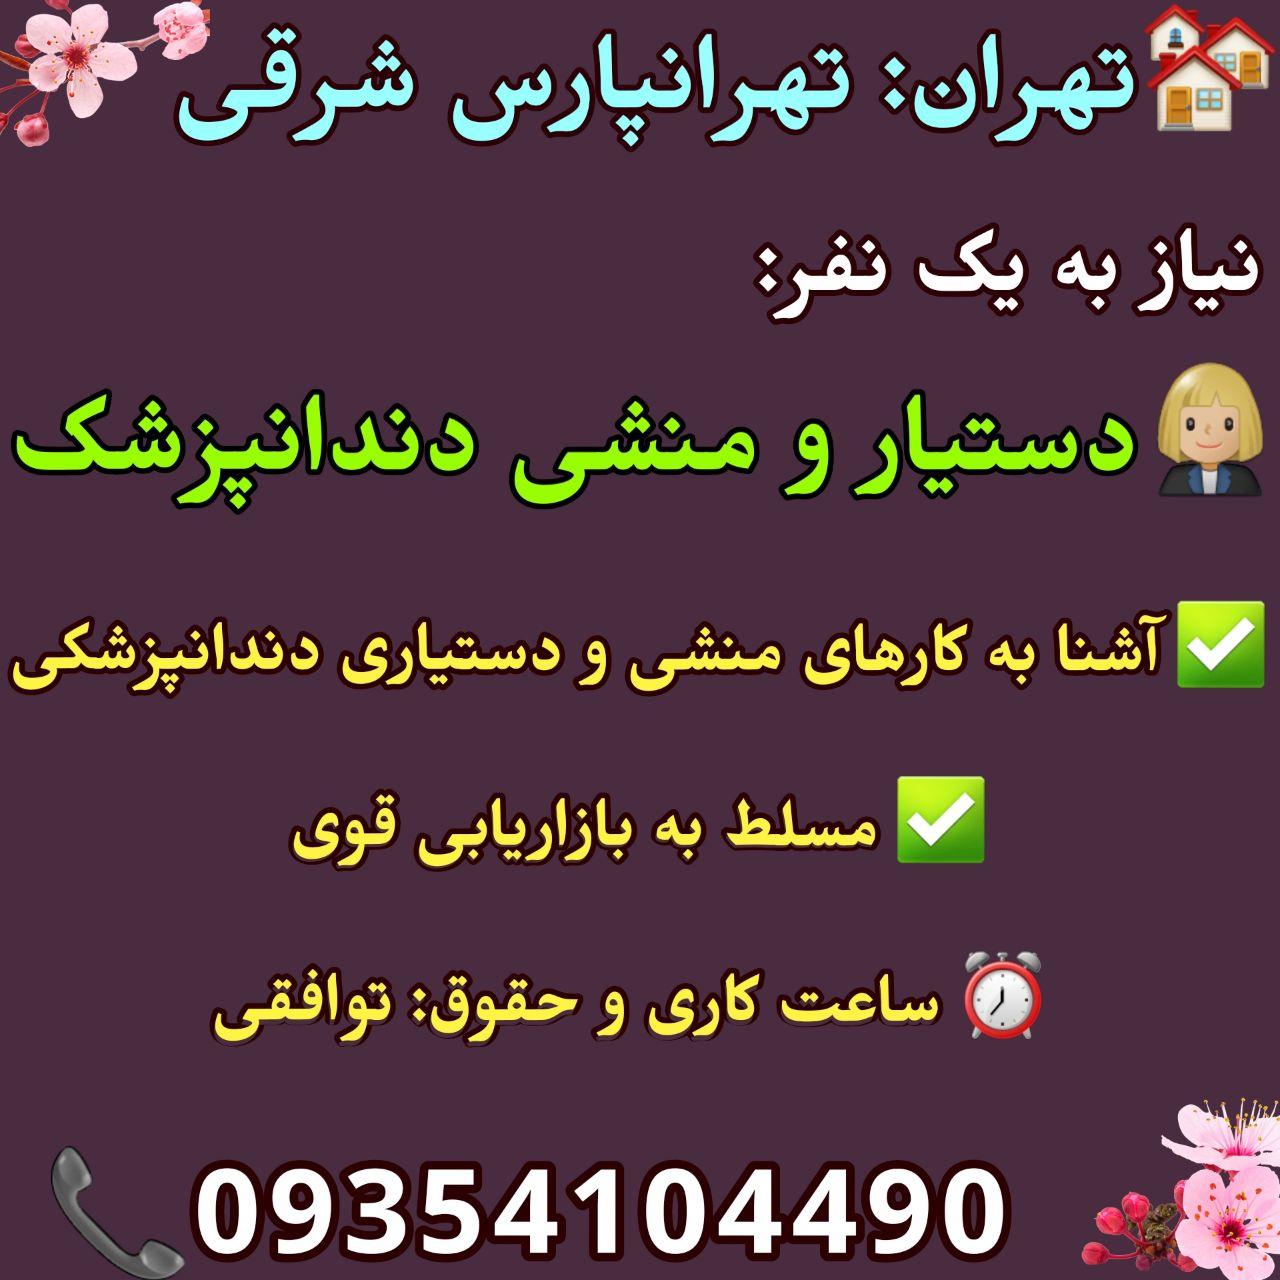 تهران: تهرانپارس شرقی